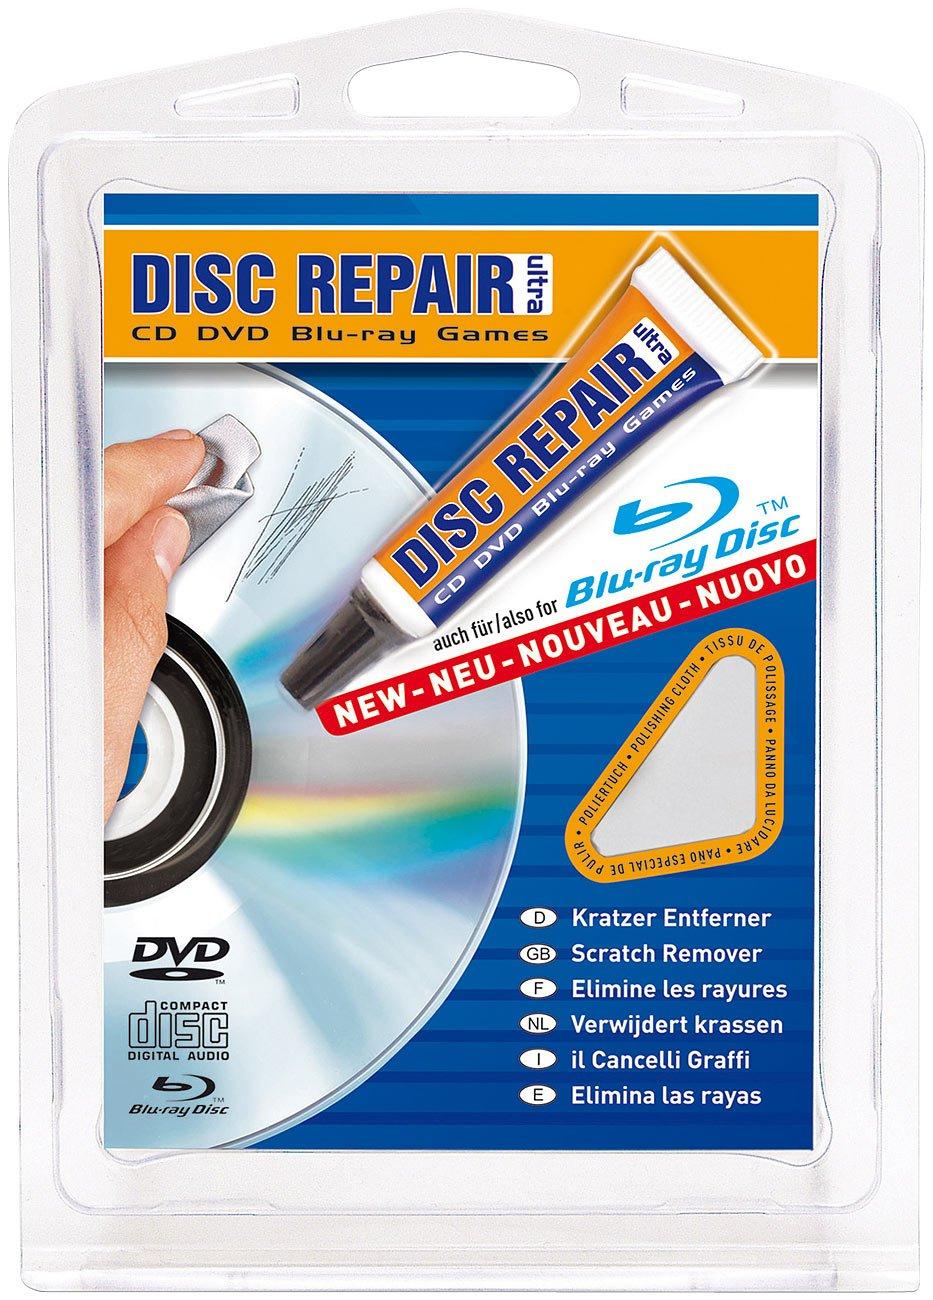 Reparador de discos CD/DVD/Blu-ray, limpia arañazos, incluye gamuza: Amazon.es: Bricolaje y herramientas